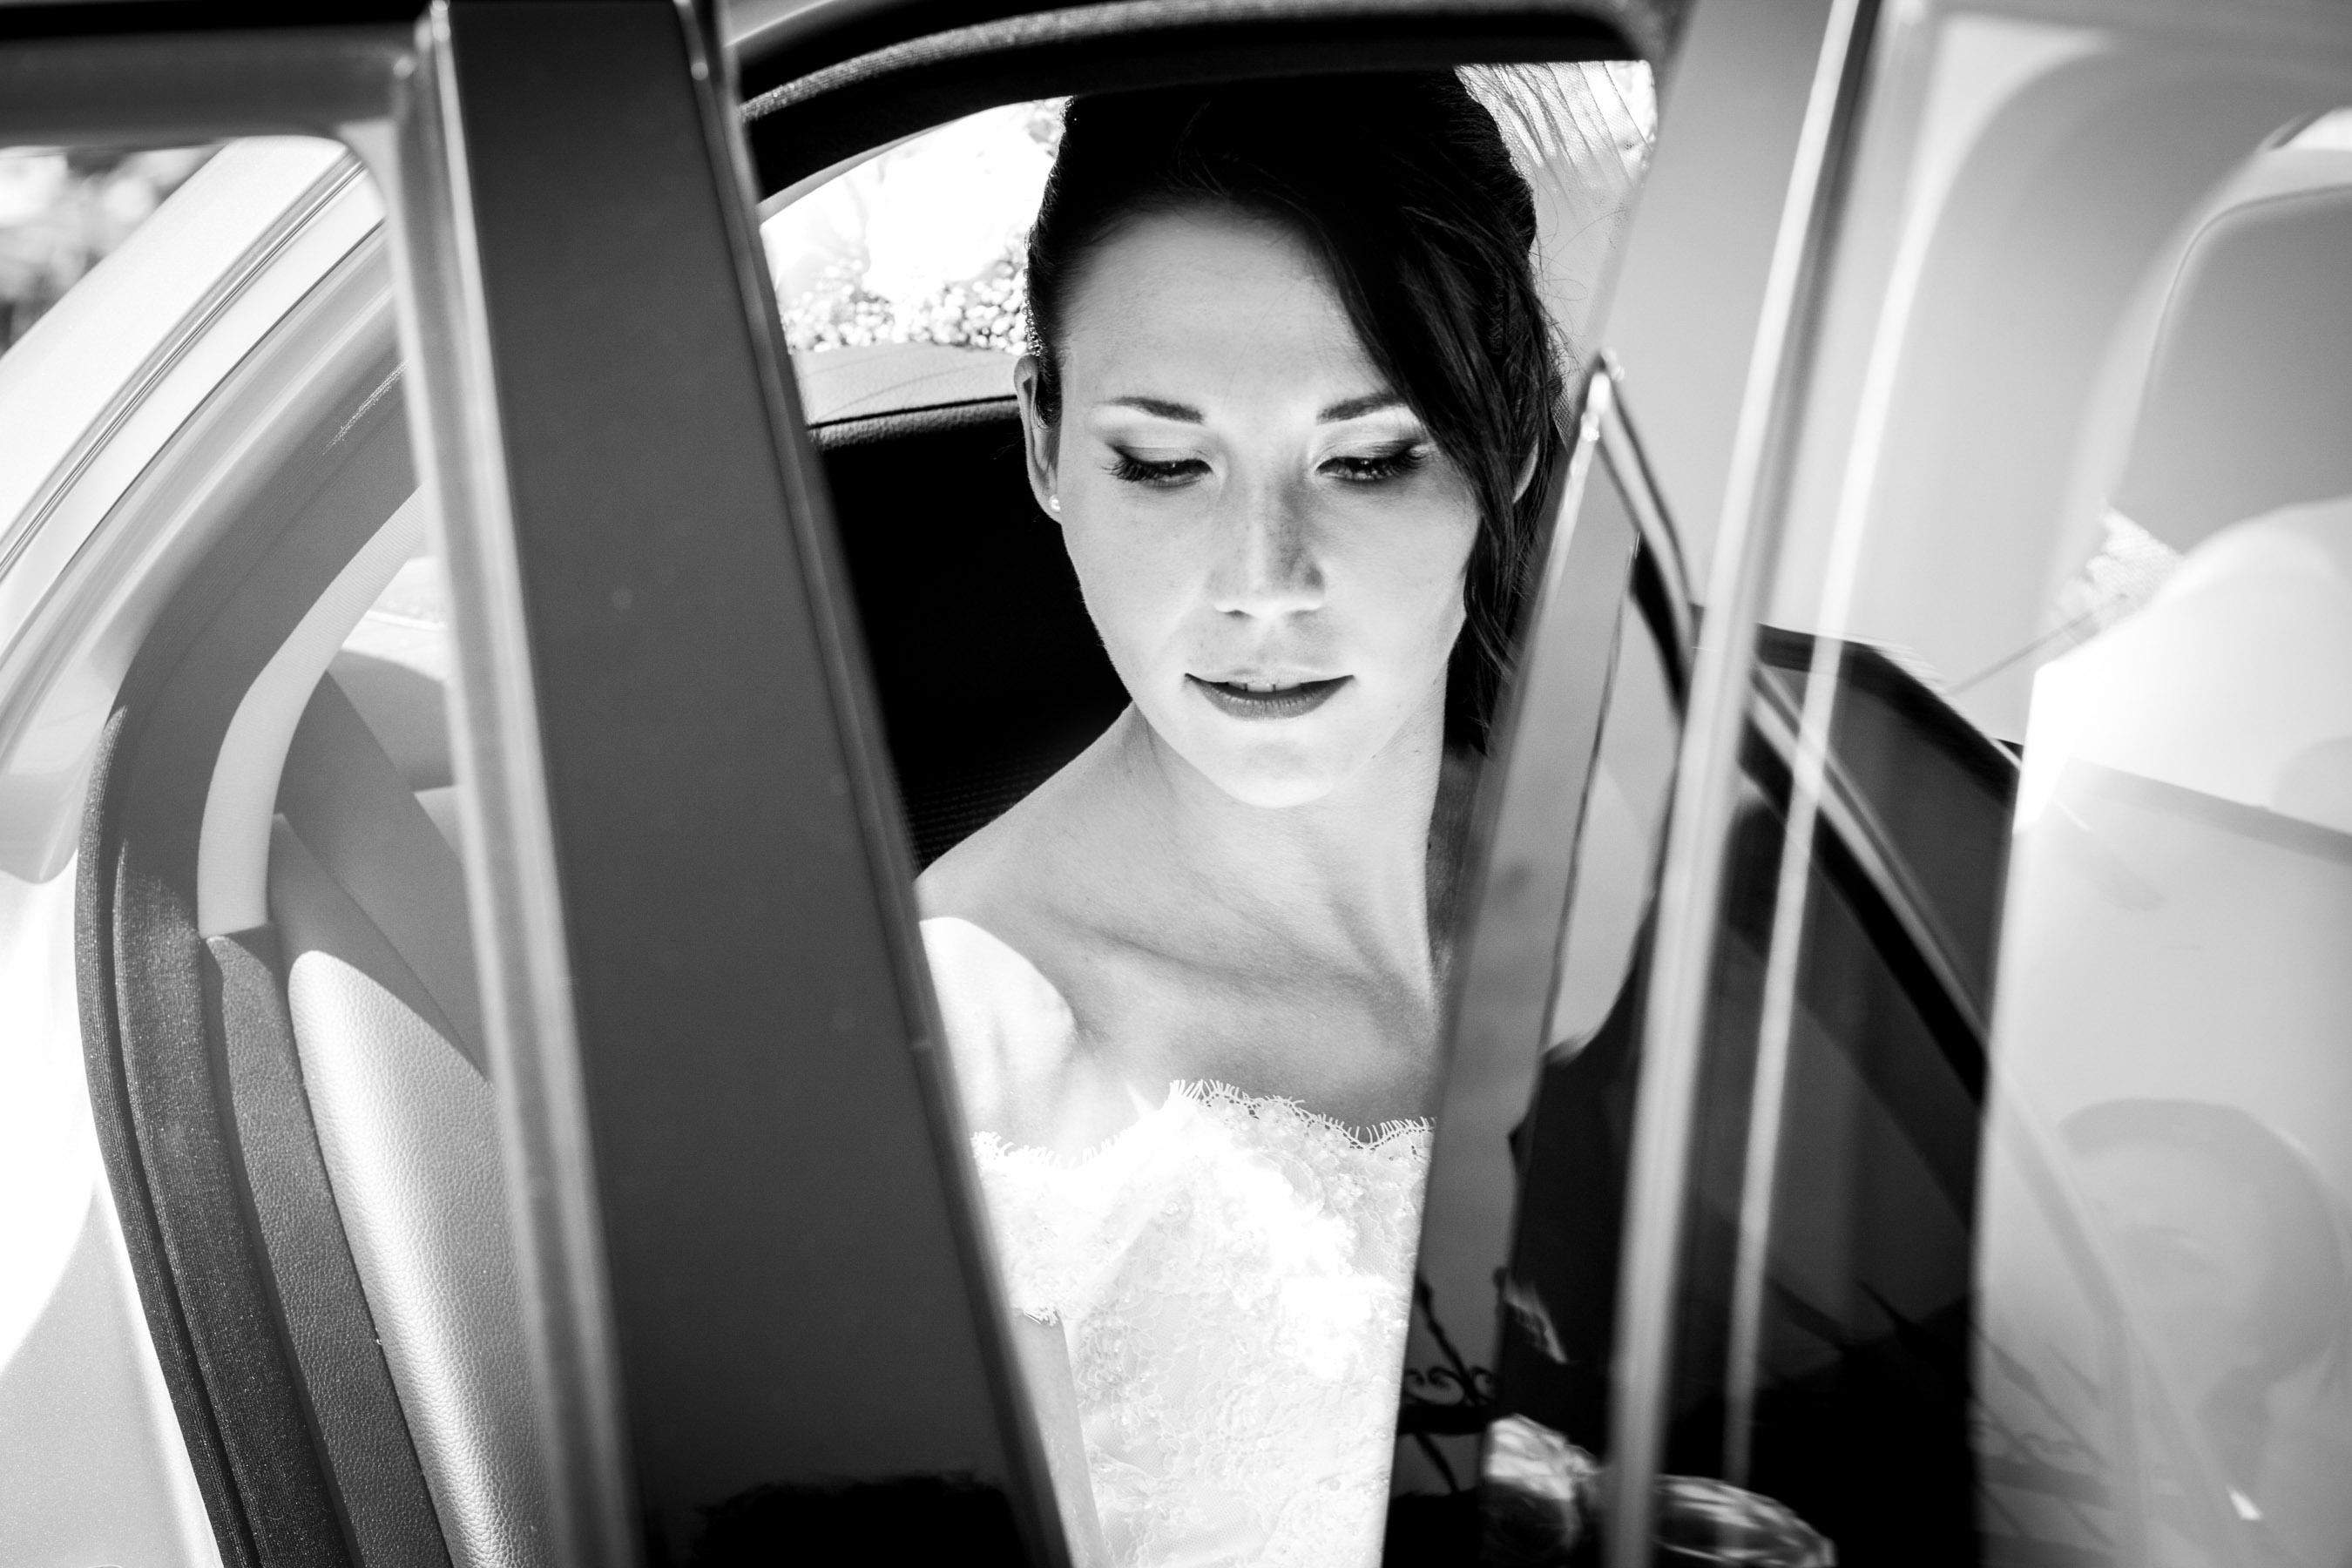 art foto_torino_monica sica photography_la vià _cavour_ fotografo matrimonio_torino-21